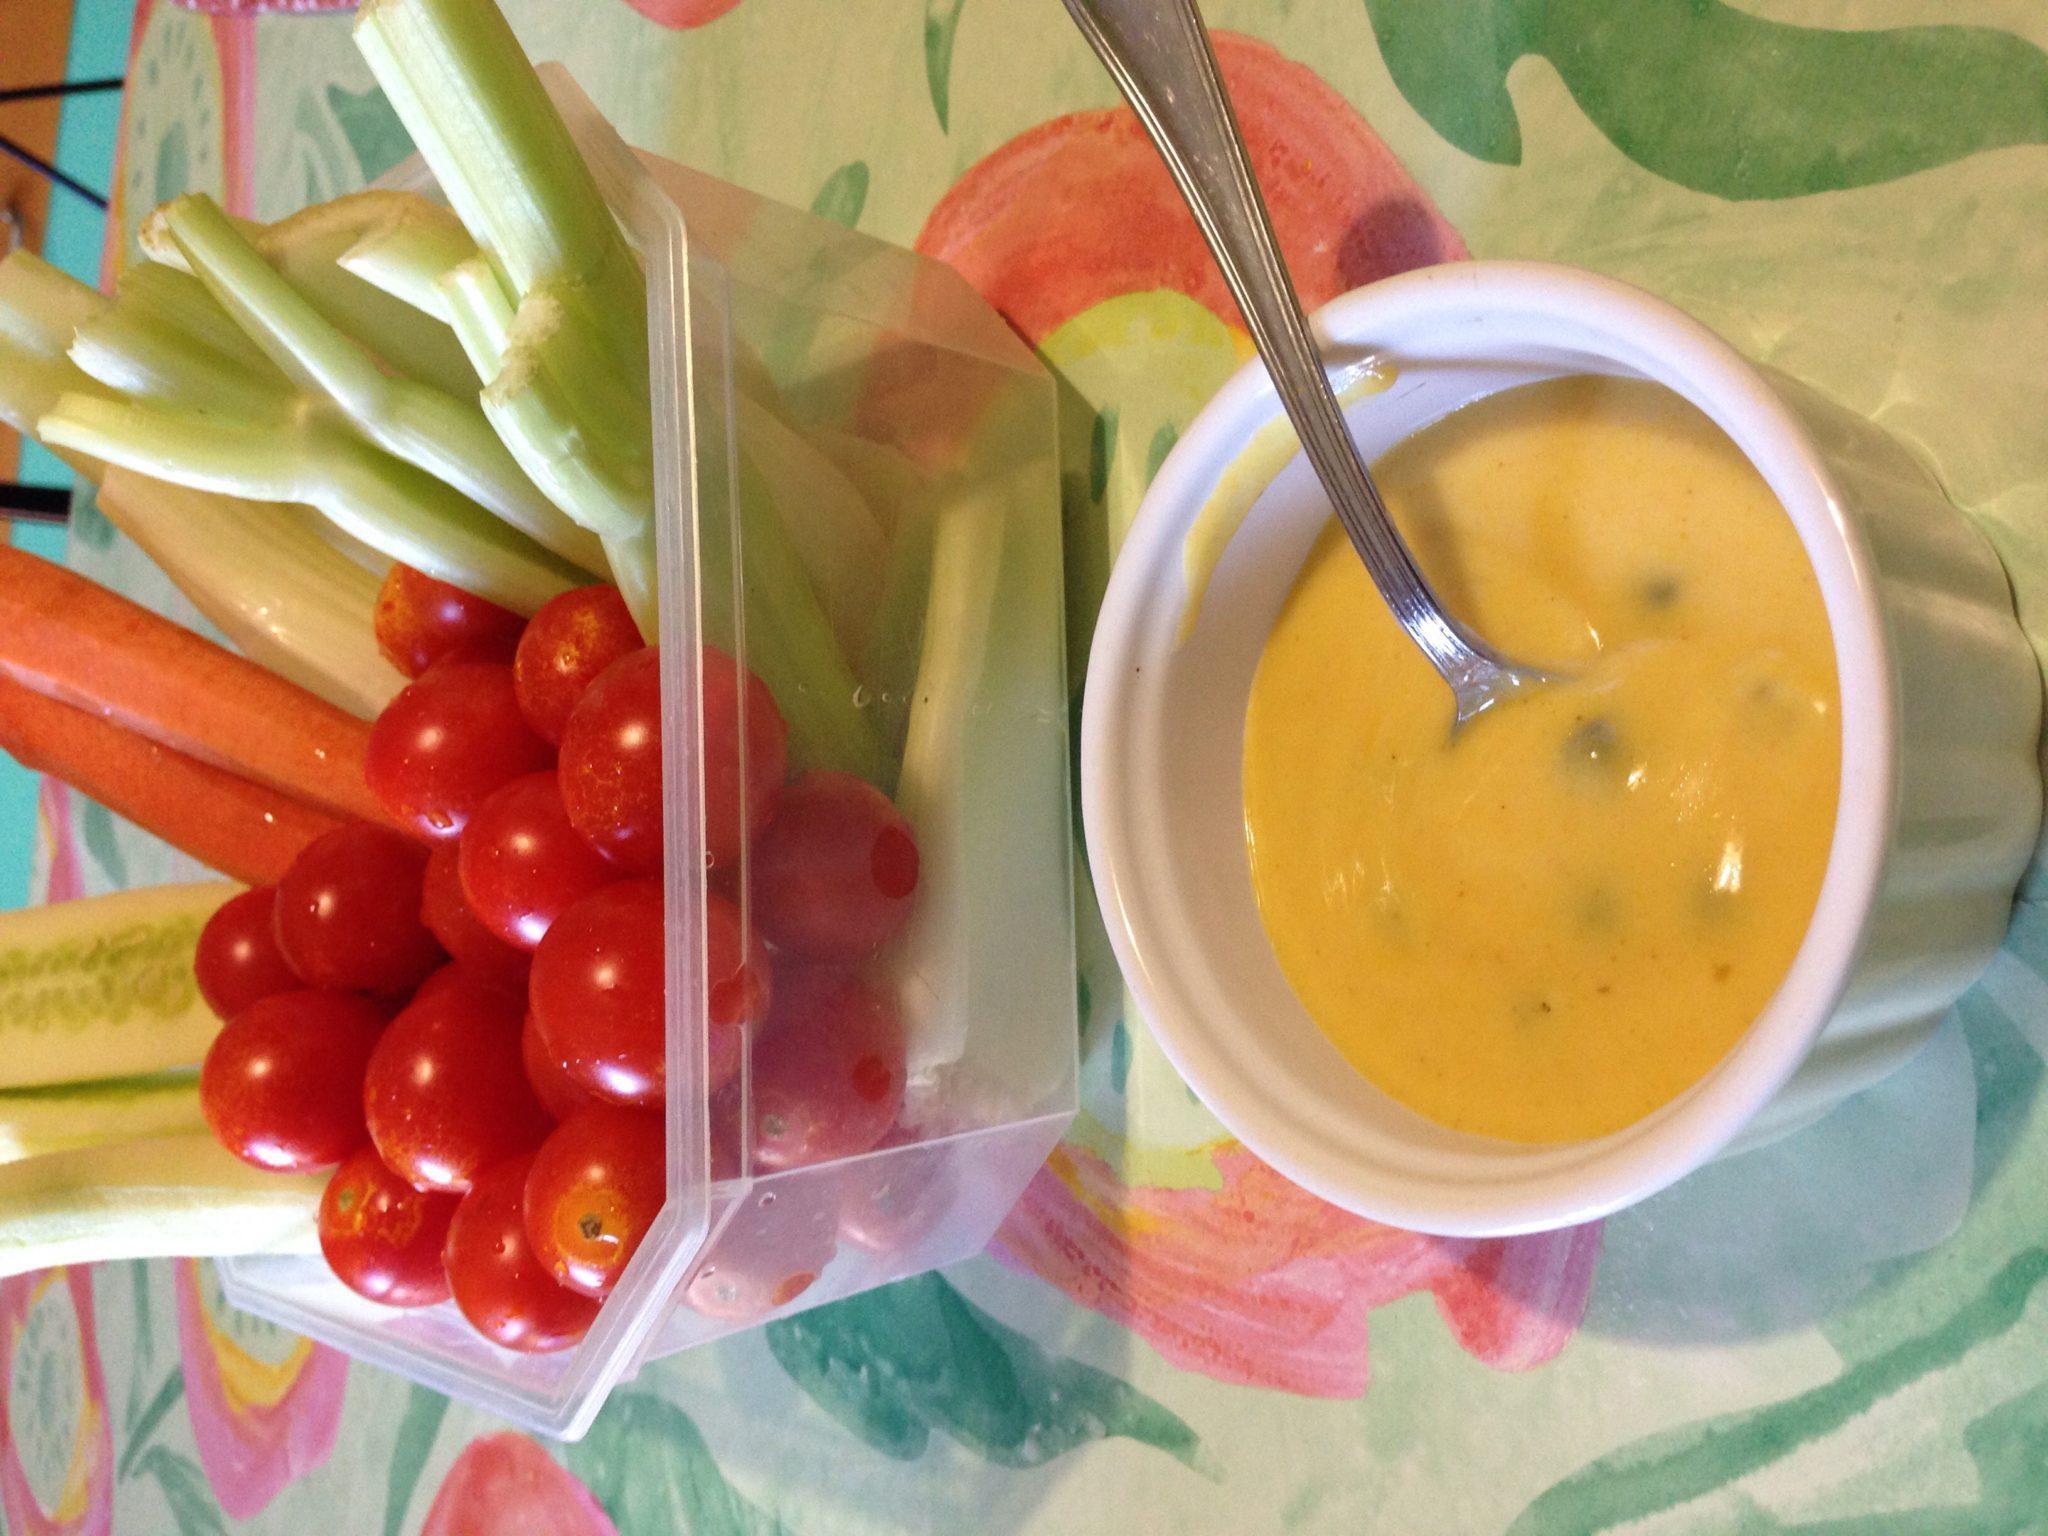 Image13 cucinare sano e gustoso - Cucinare sano e gustoso ...